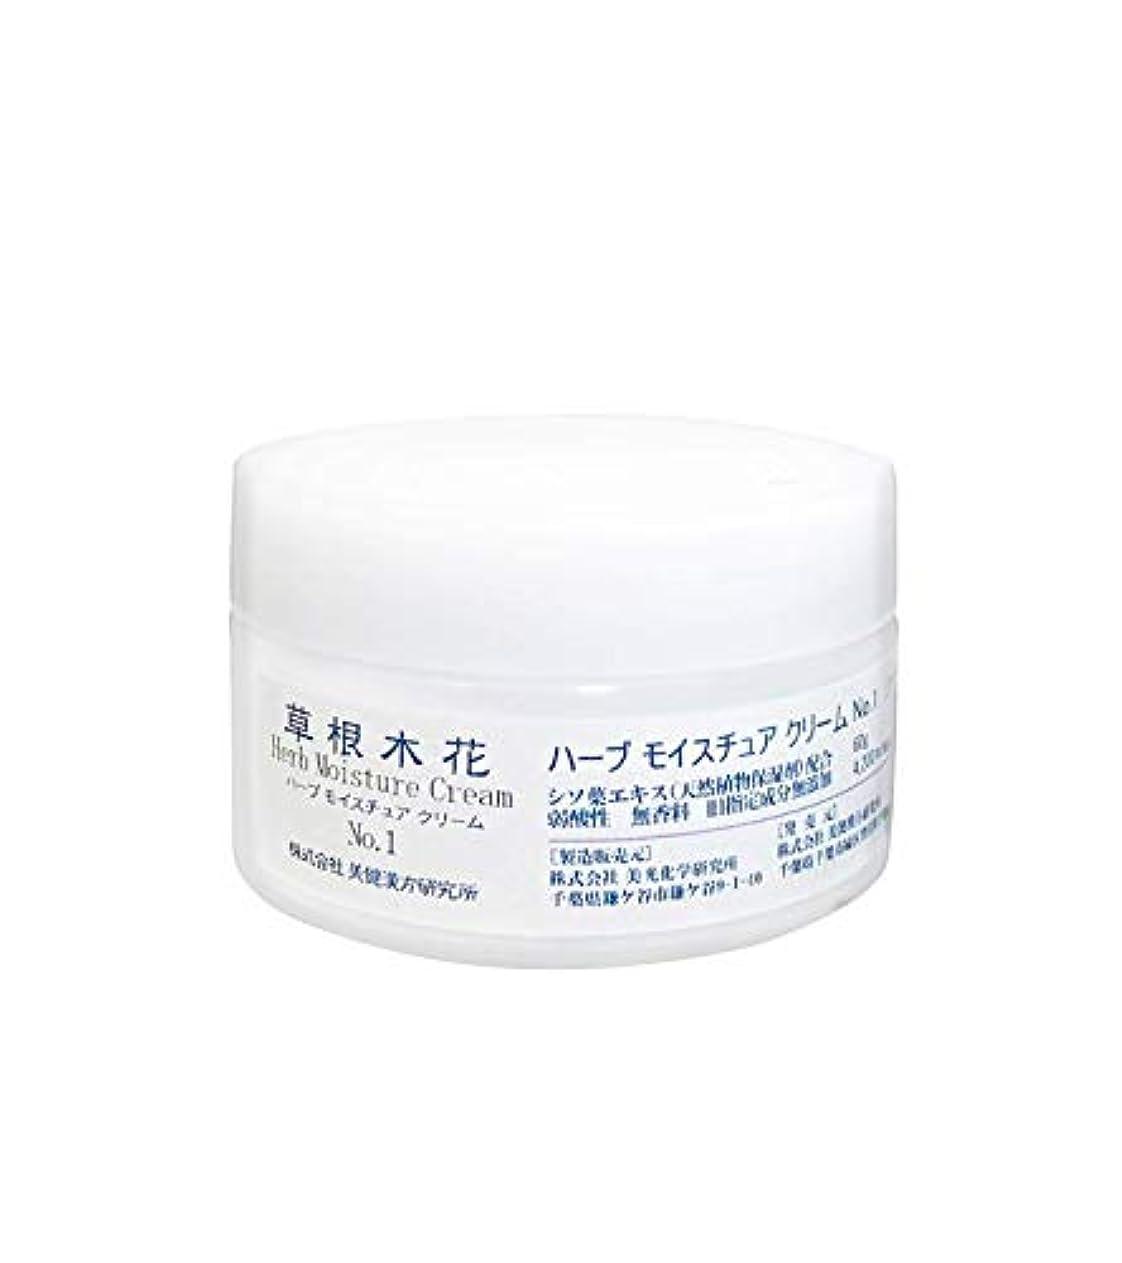 配管工伝説「草根木花 ハーブモイスチュアクリームNo.1 (紫蘇クリーム)」  乾燥肌?敏感肌にシソエキス  シェアドコスメ(男女兼用化粧品)